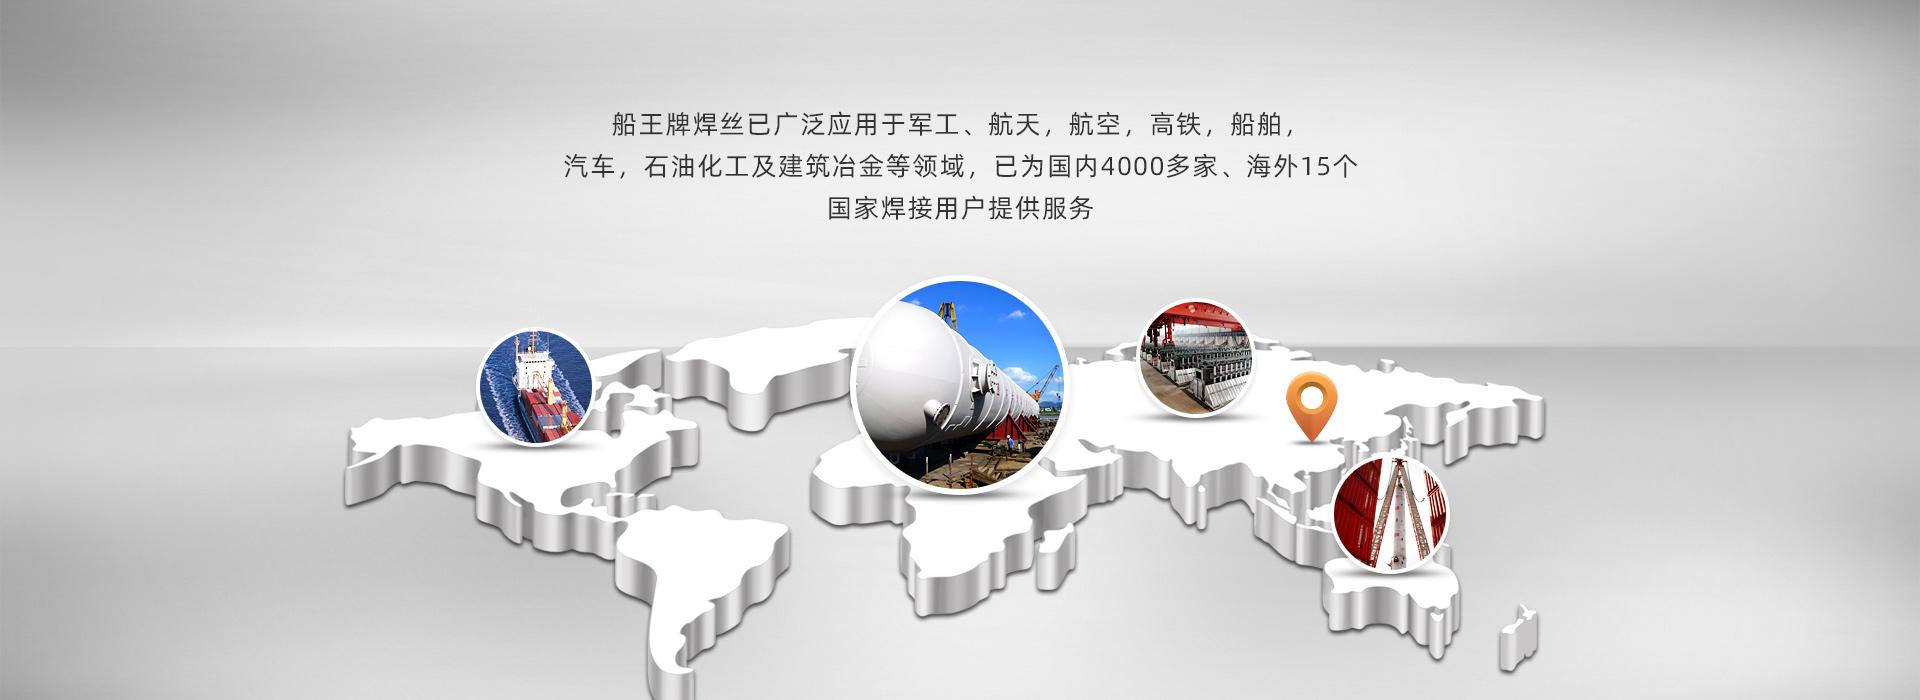 船王焊材广泛应用多个领域